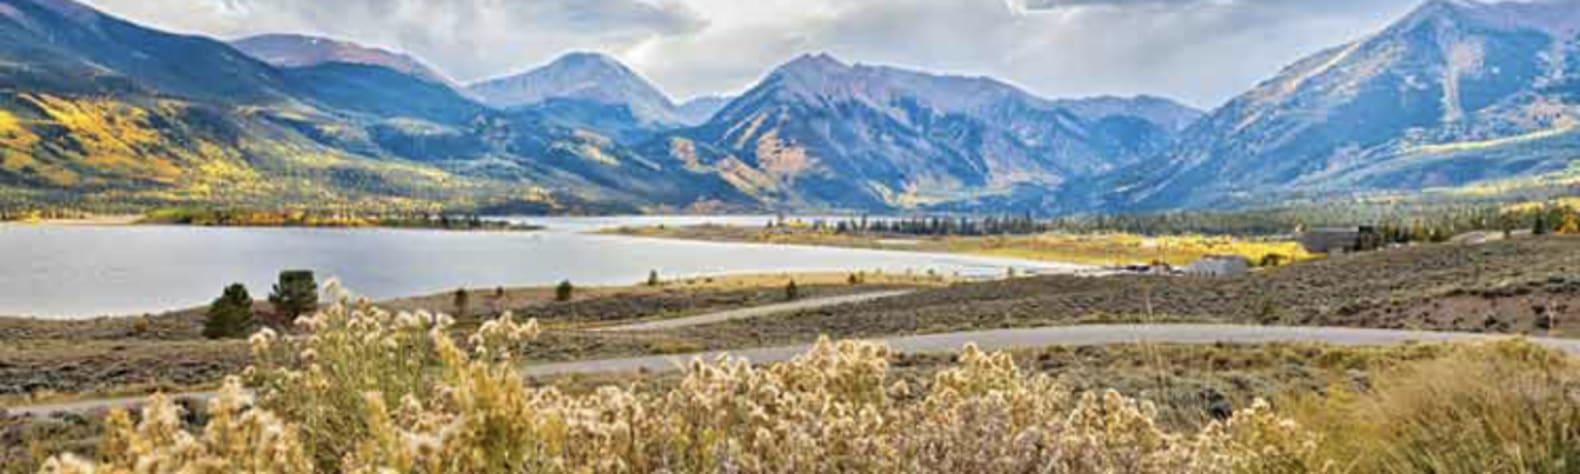 Lake Majestic - Nature